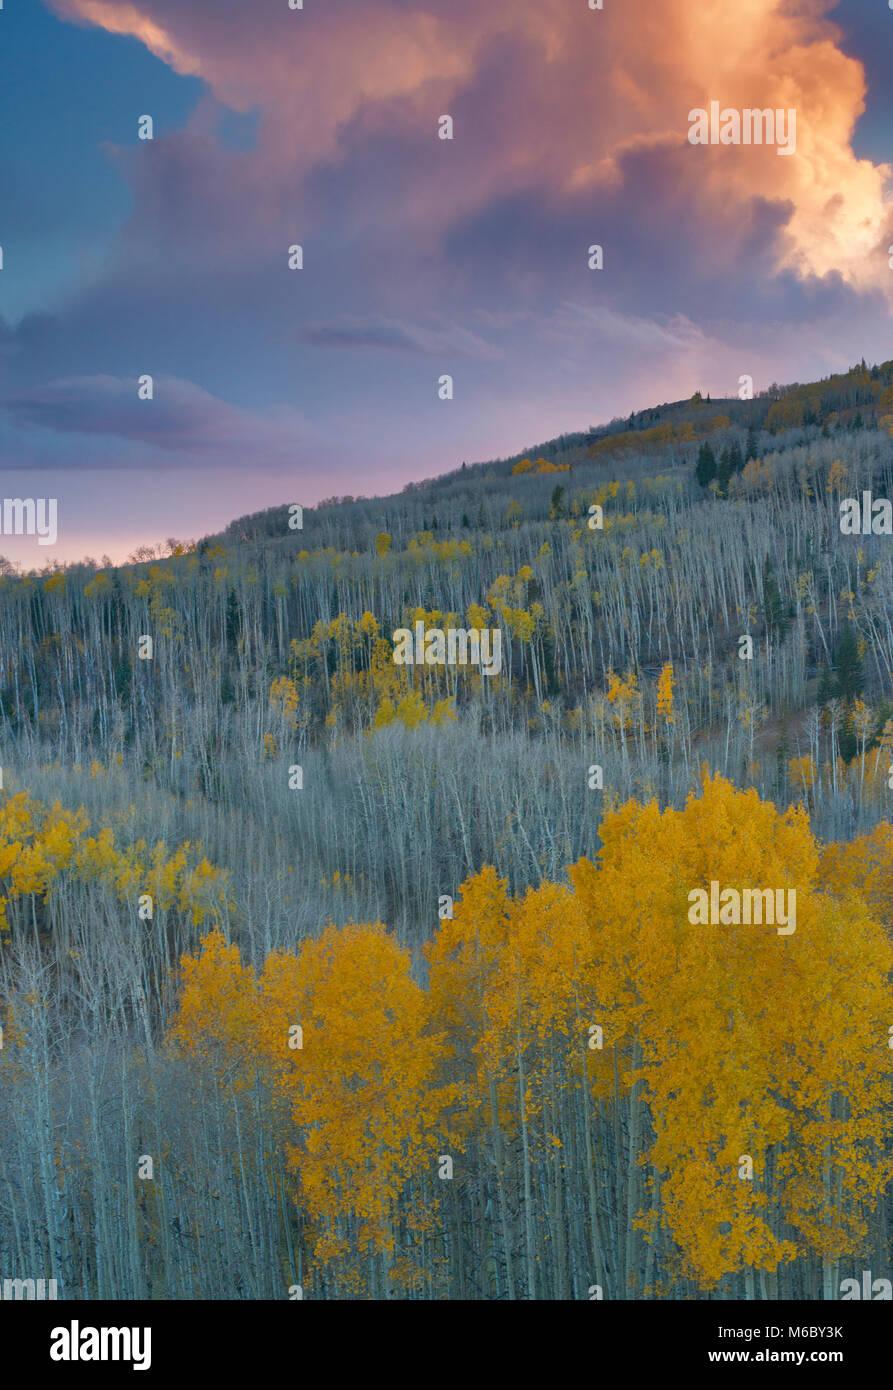 Sonnenuntergang, Aspen, Populus tremuloides, Boulder Mountain, Dixie National Forest, Utah Stockbild